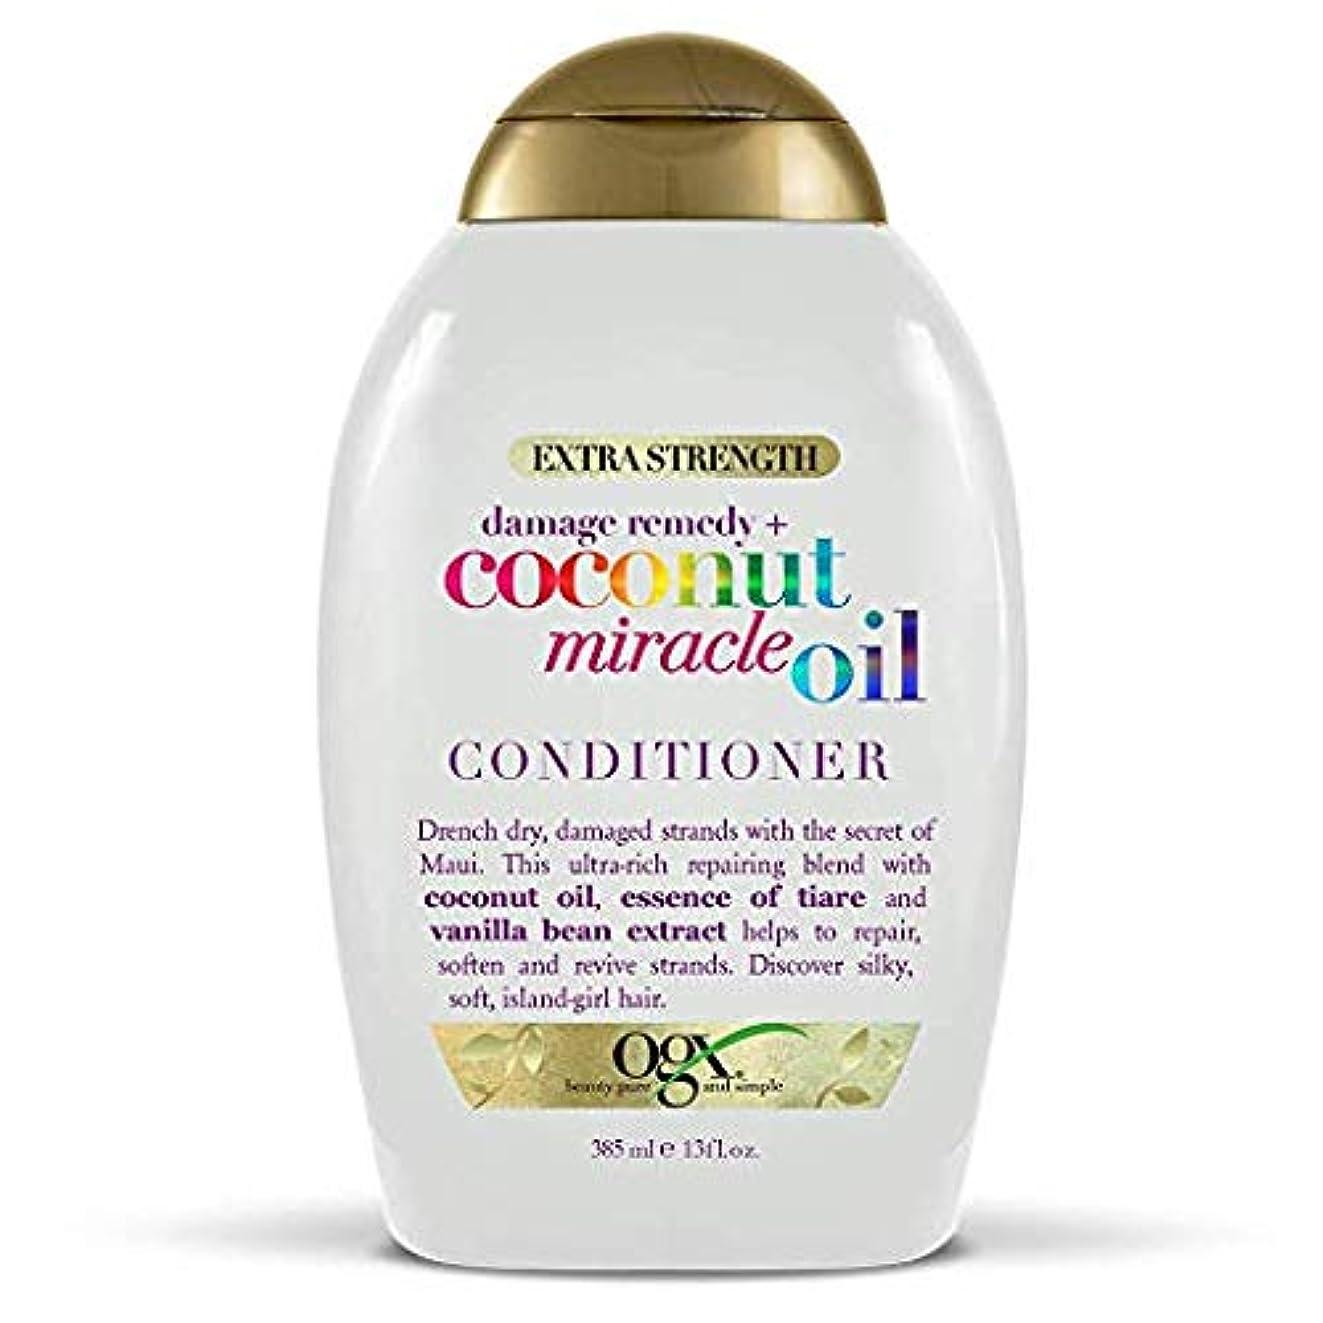 ご注意スキームアンテナOgx Conditioner Coconut Miracle Oil Extra Strength 13oz OGX ココナッツミラクルオイル エクストラストレングス コンディショナー 385ml [並行輸入品]